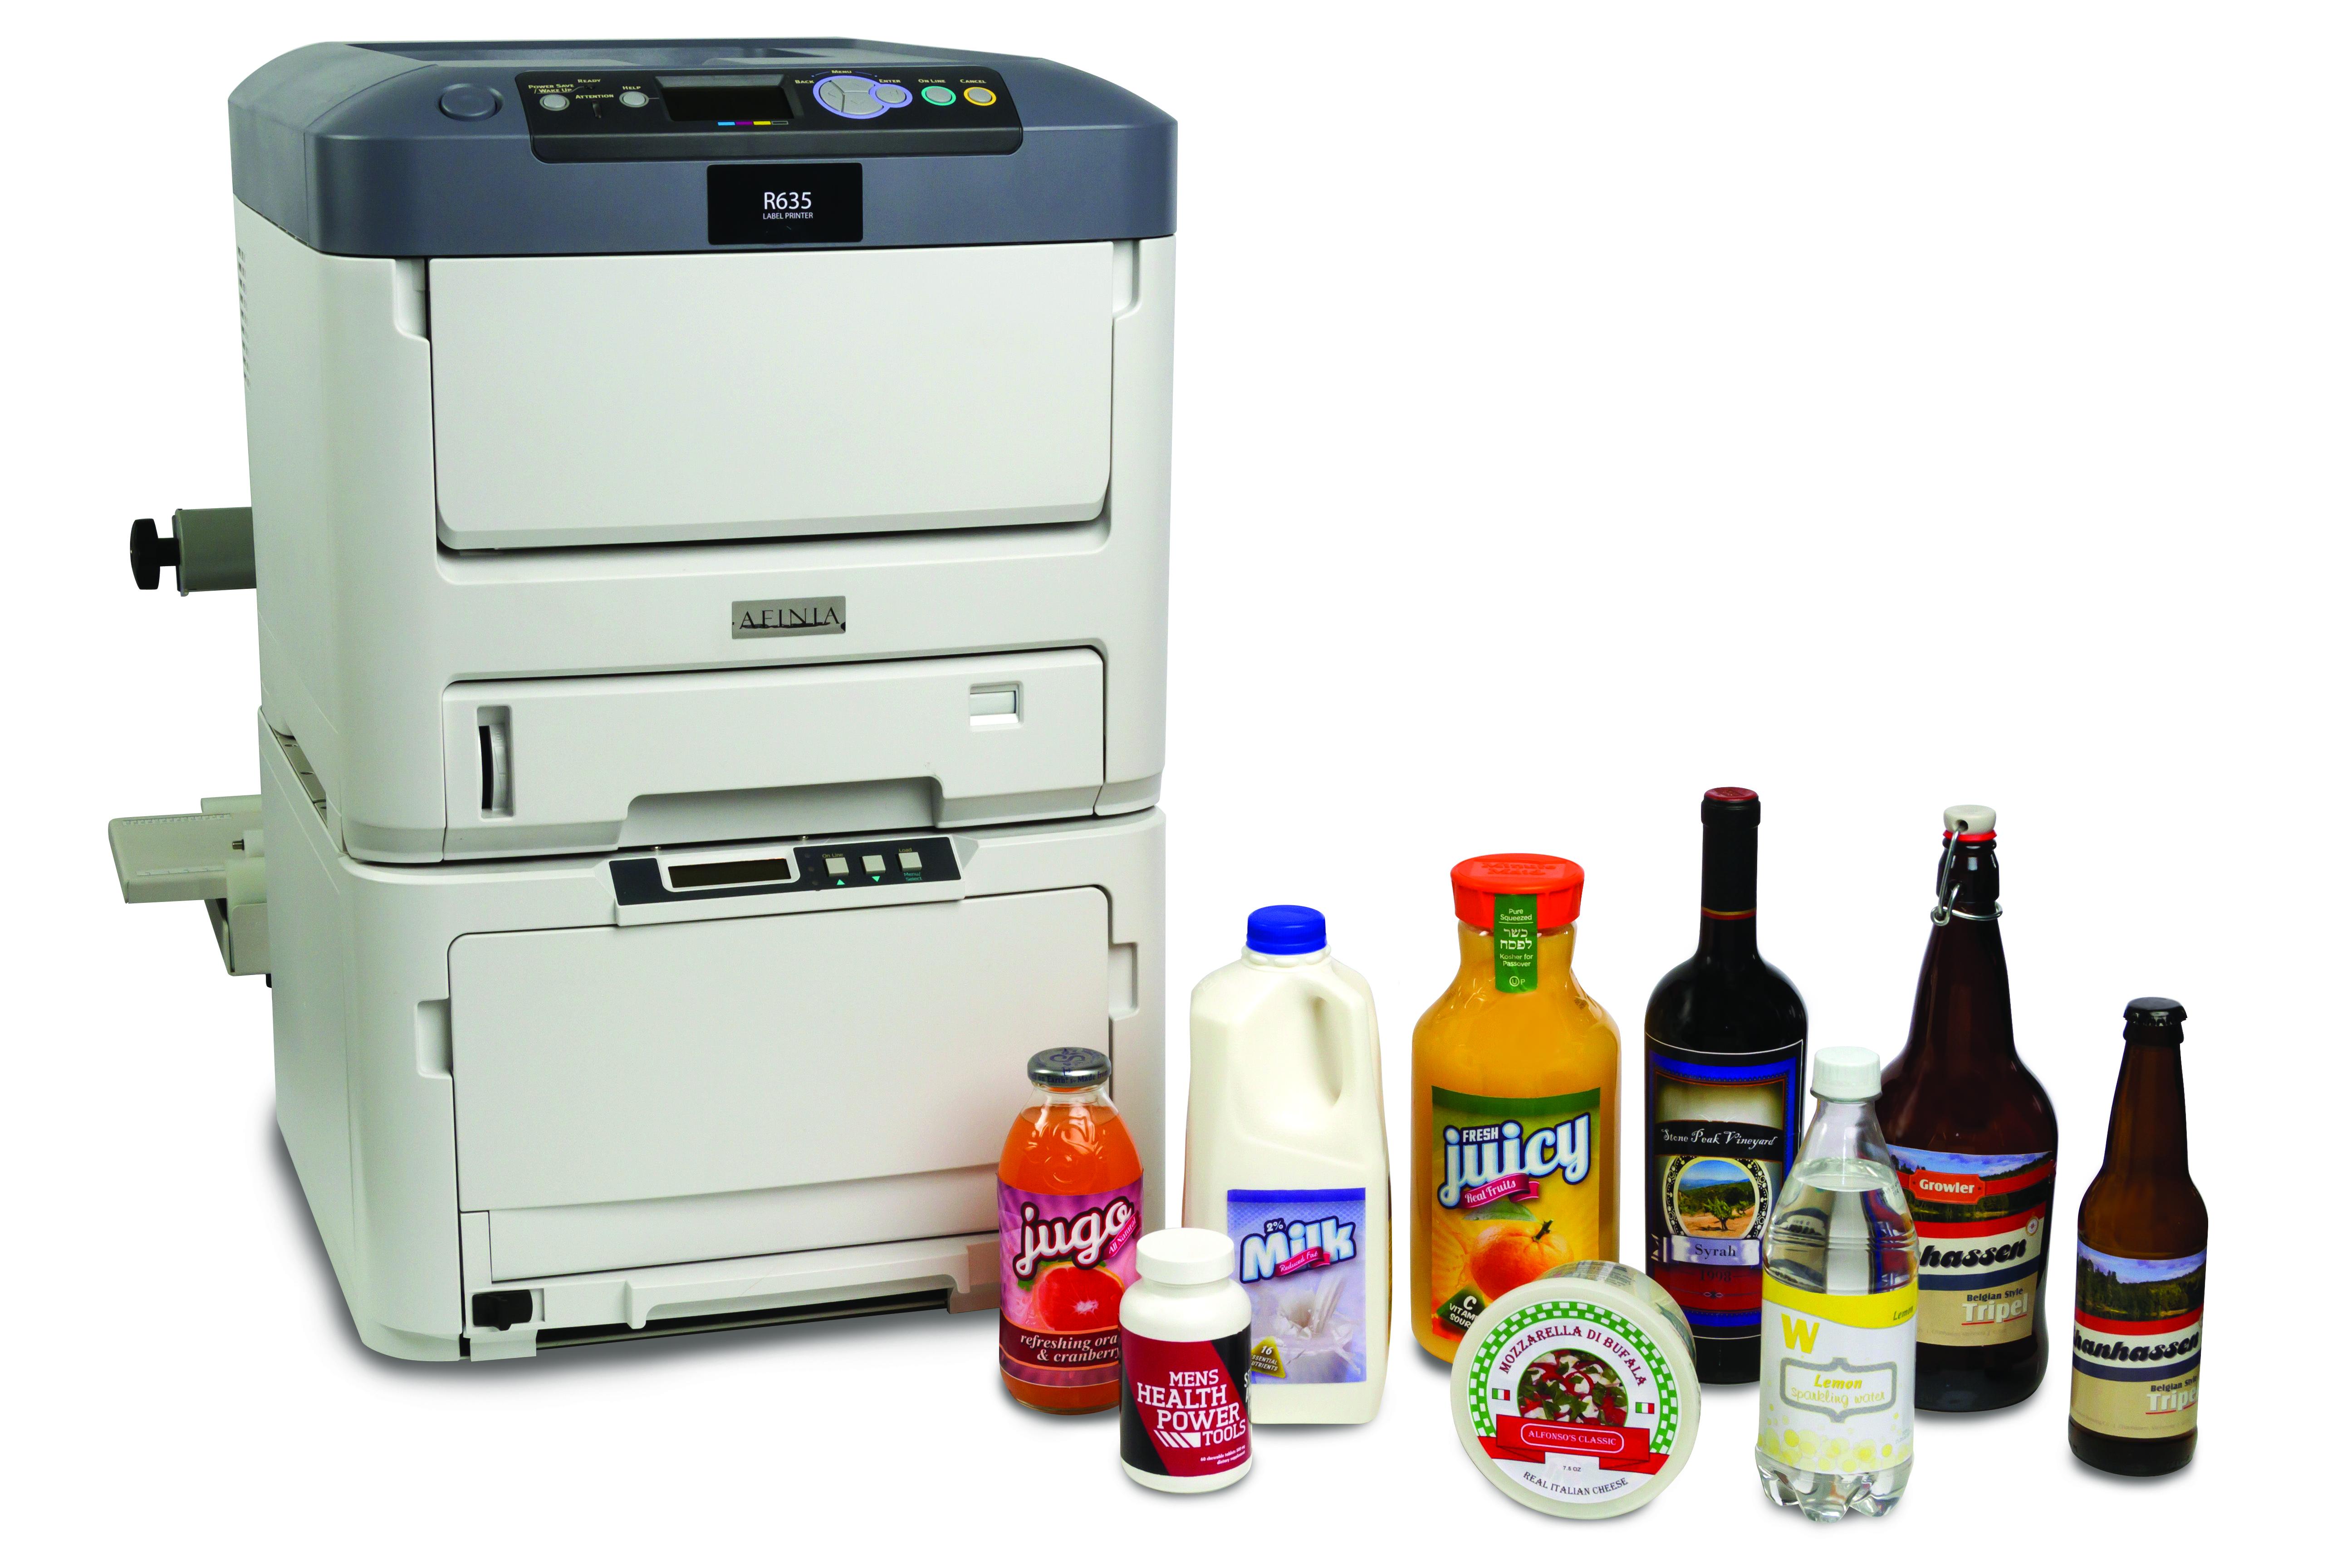 Color printer label - The Afinia Label R635 Printer